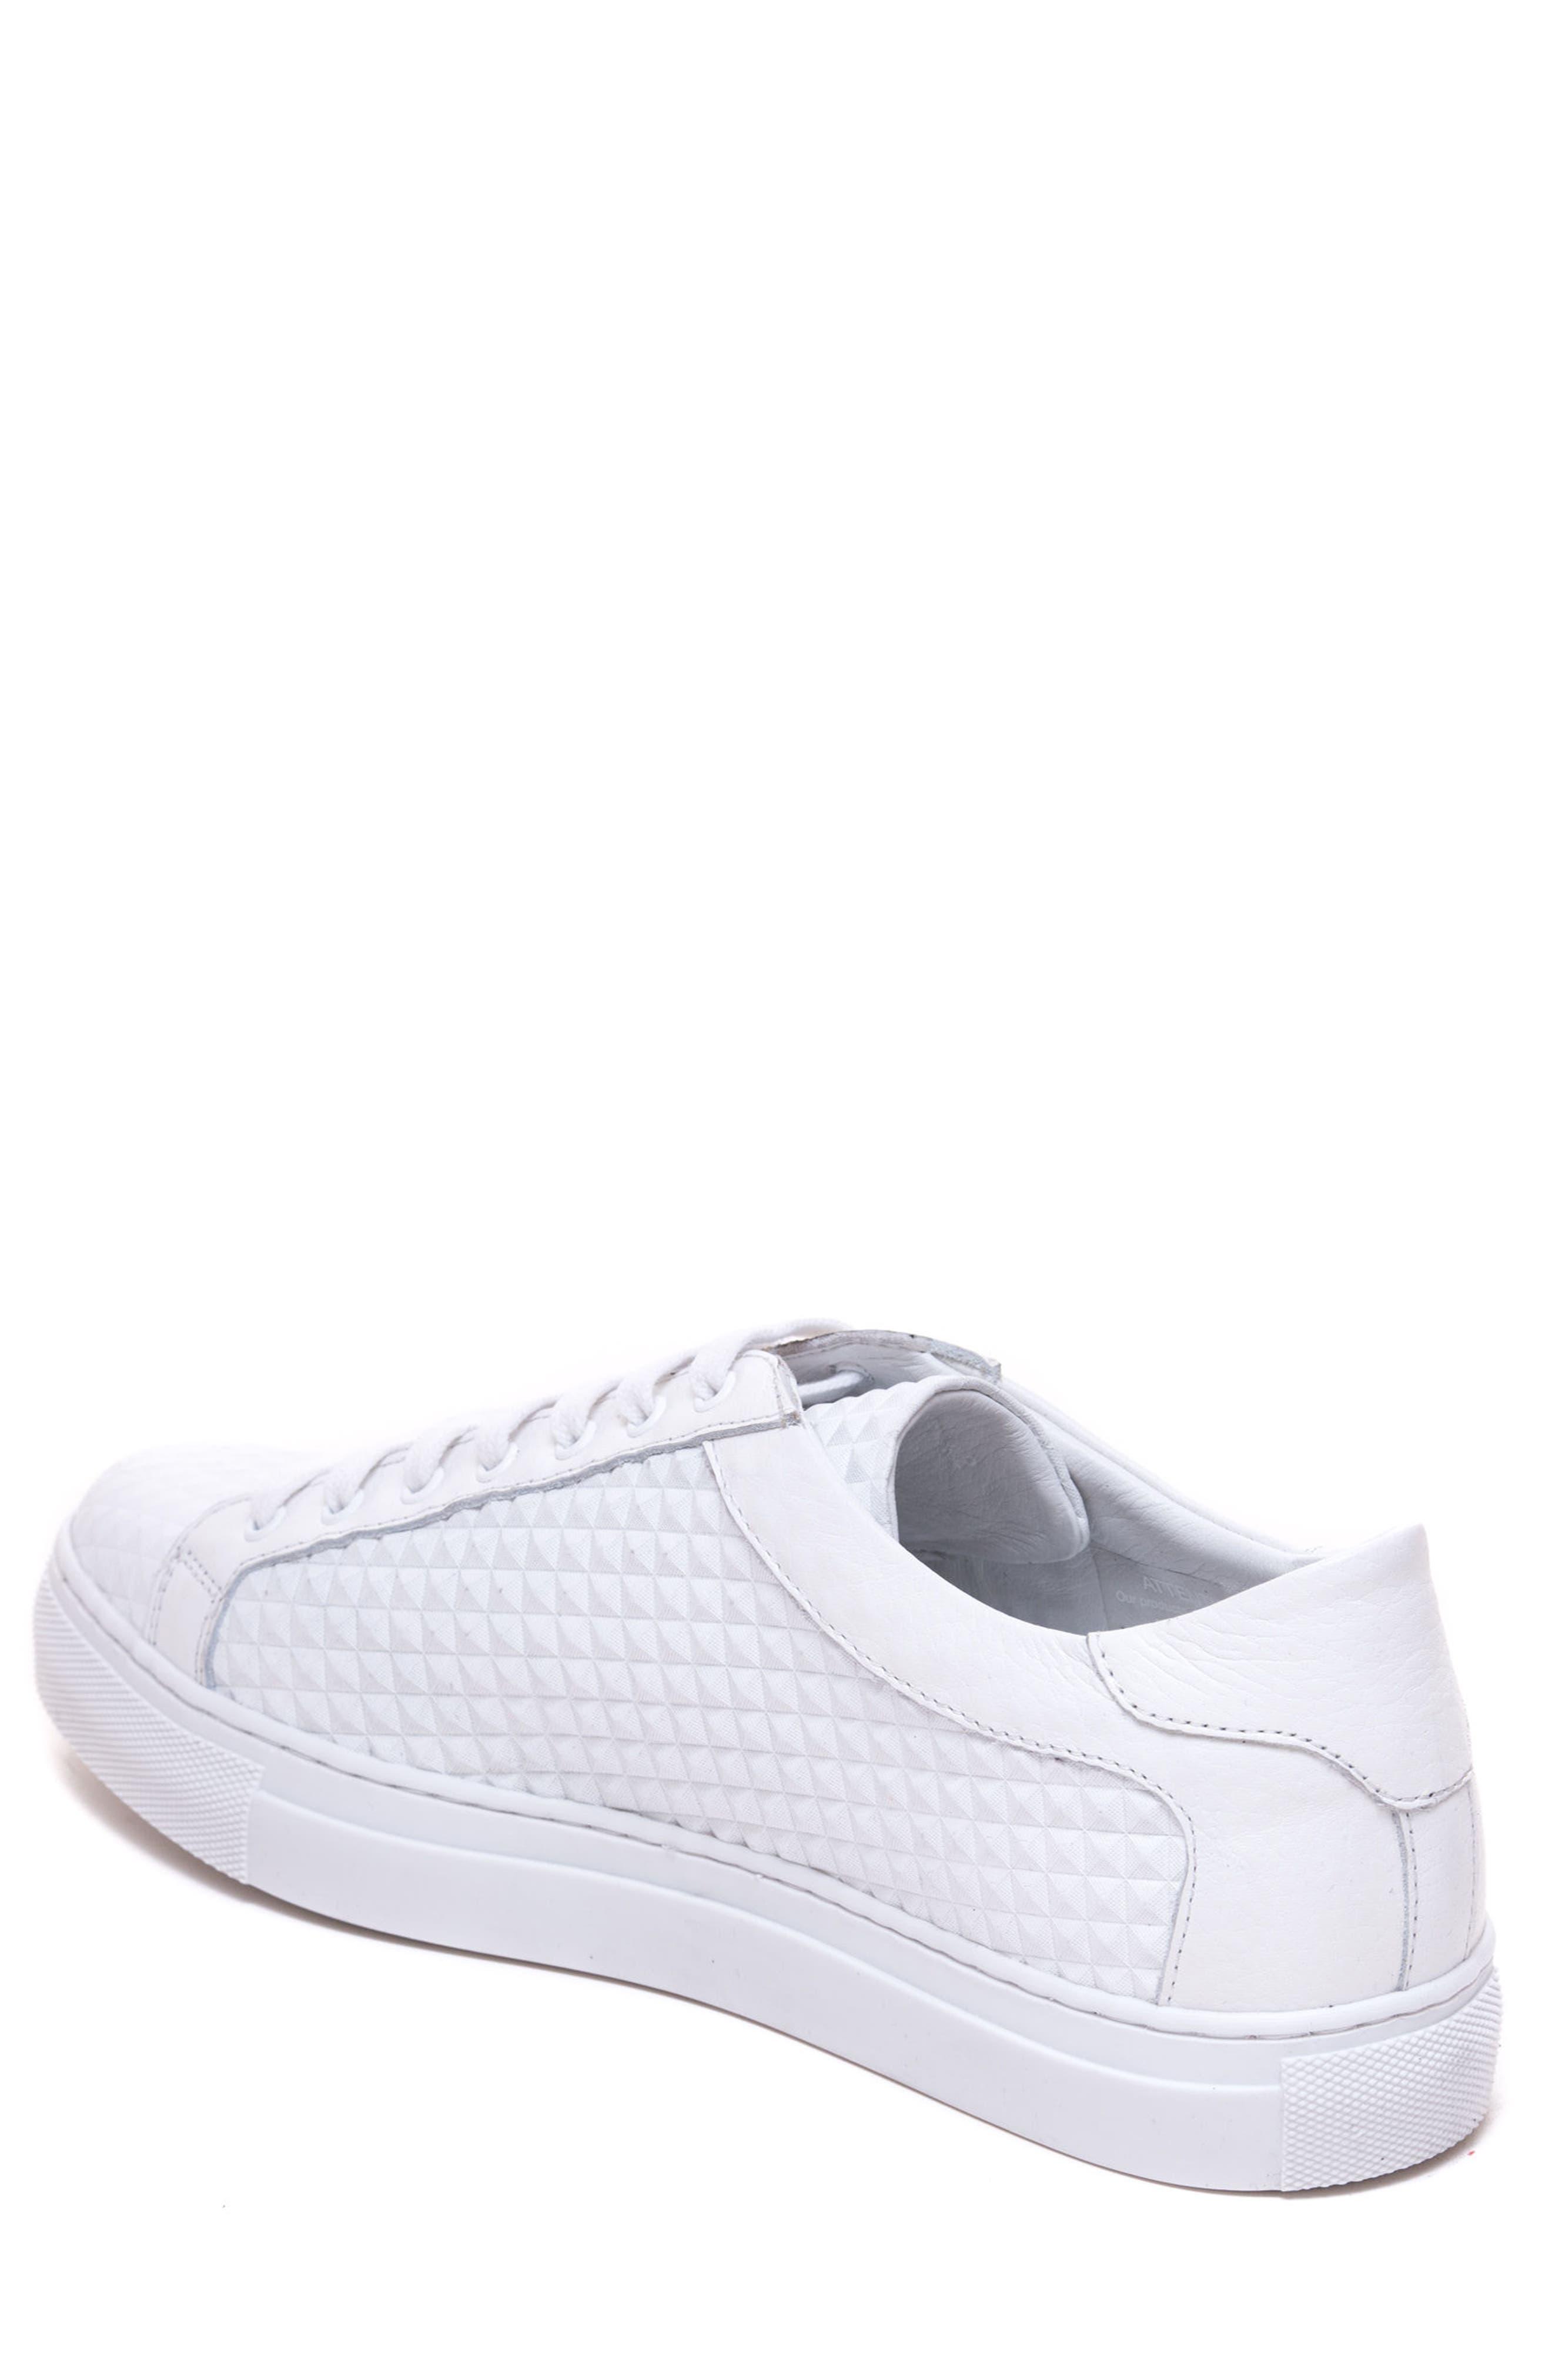 Scott Leather Sneaker,                             Alternate thumbnail 4, color,